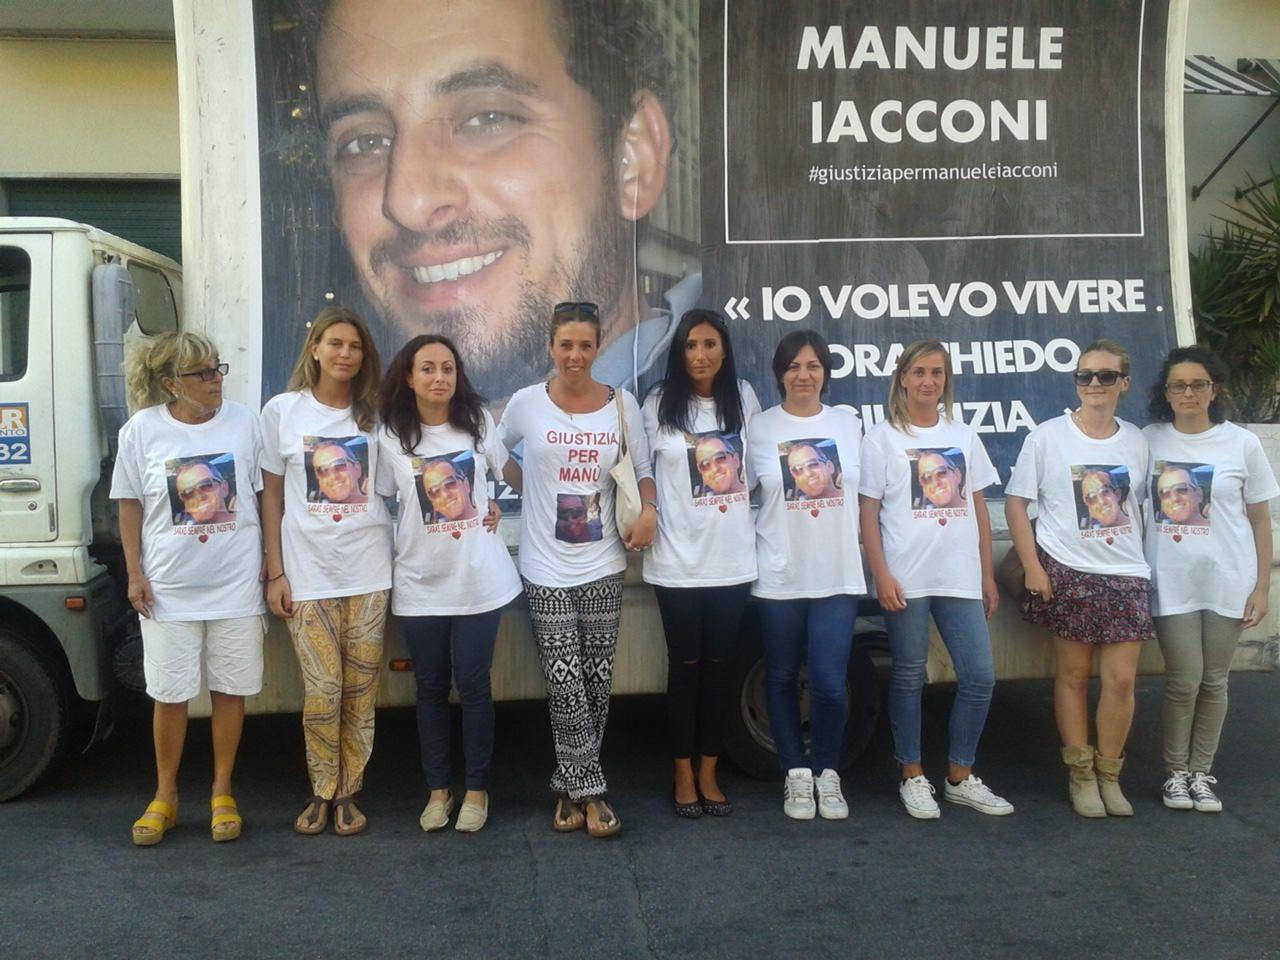 Omicidio Iacconi: depositate le motivazioni per il minorenne condannato a 12 anni